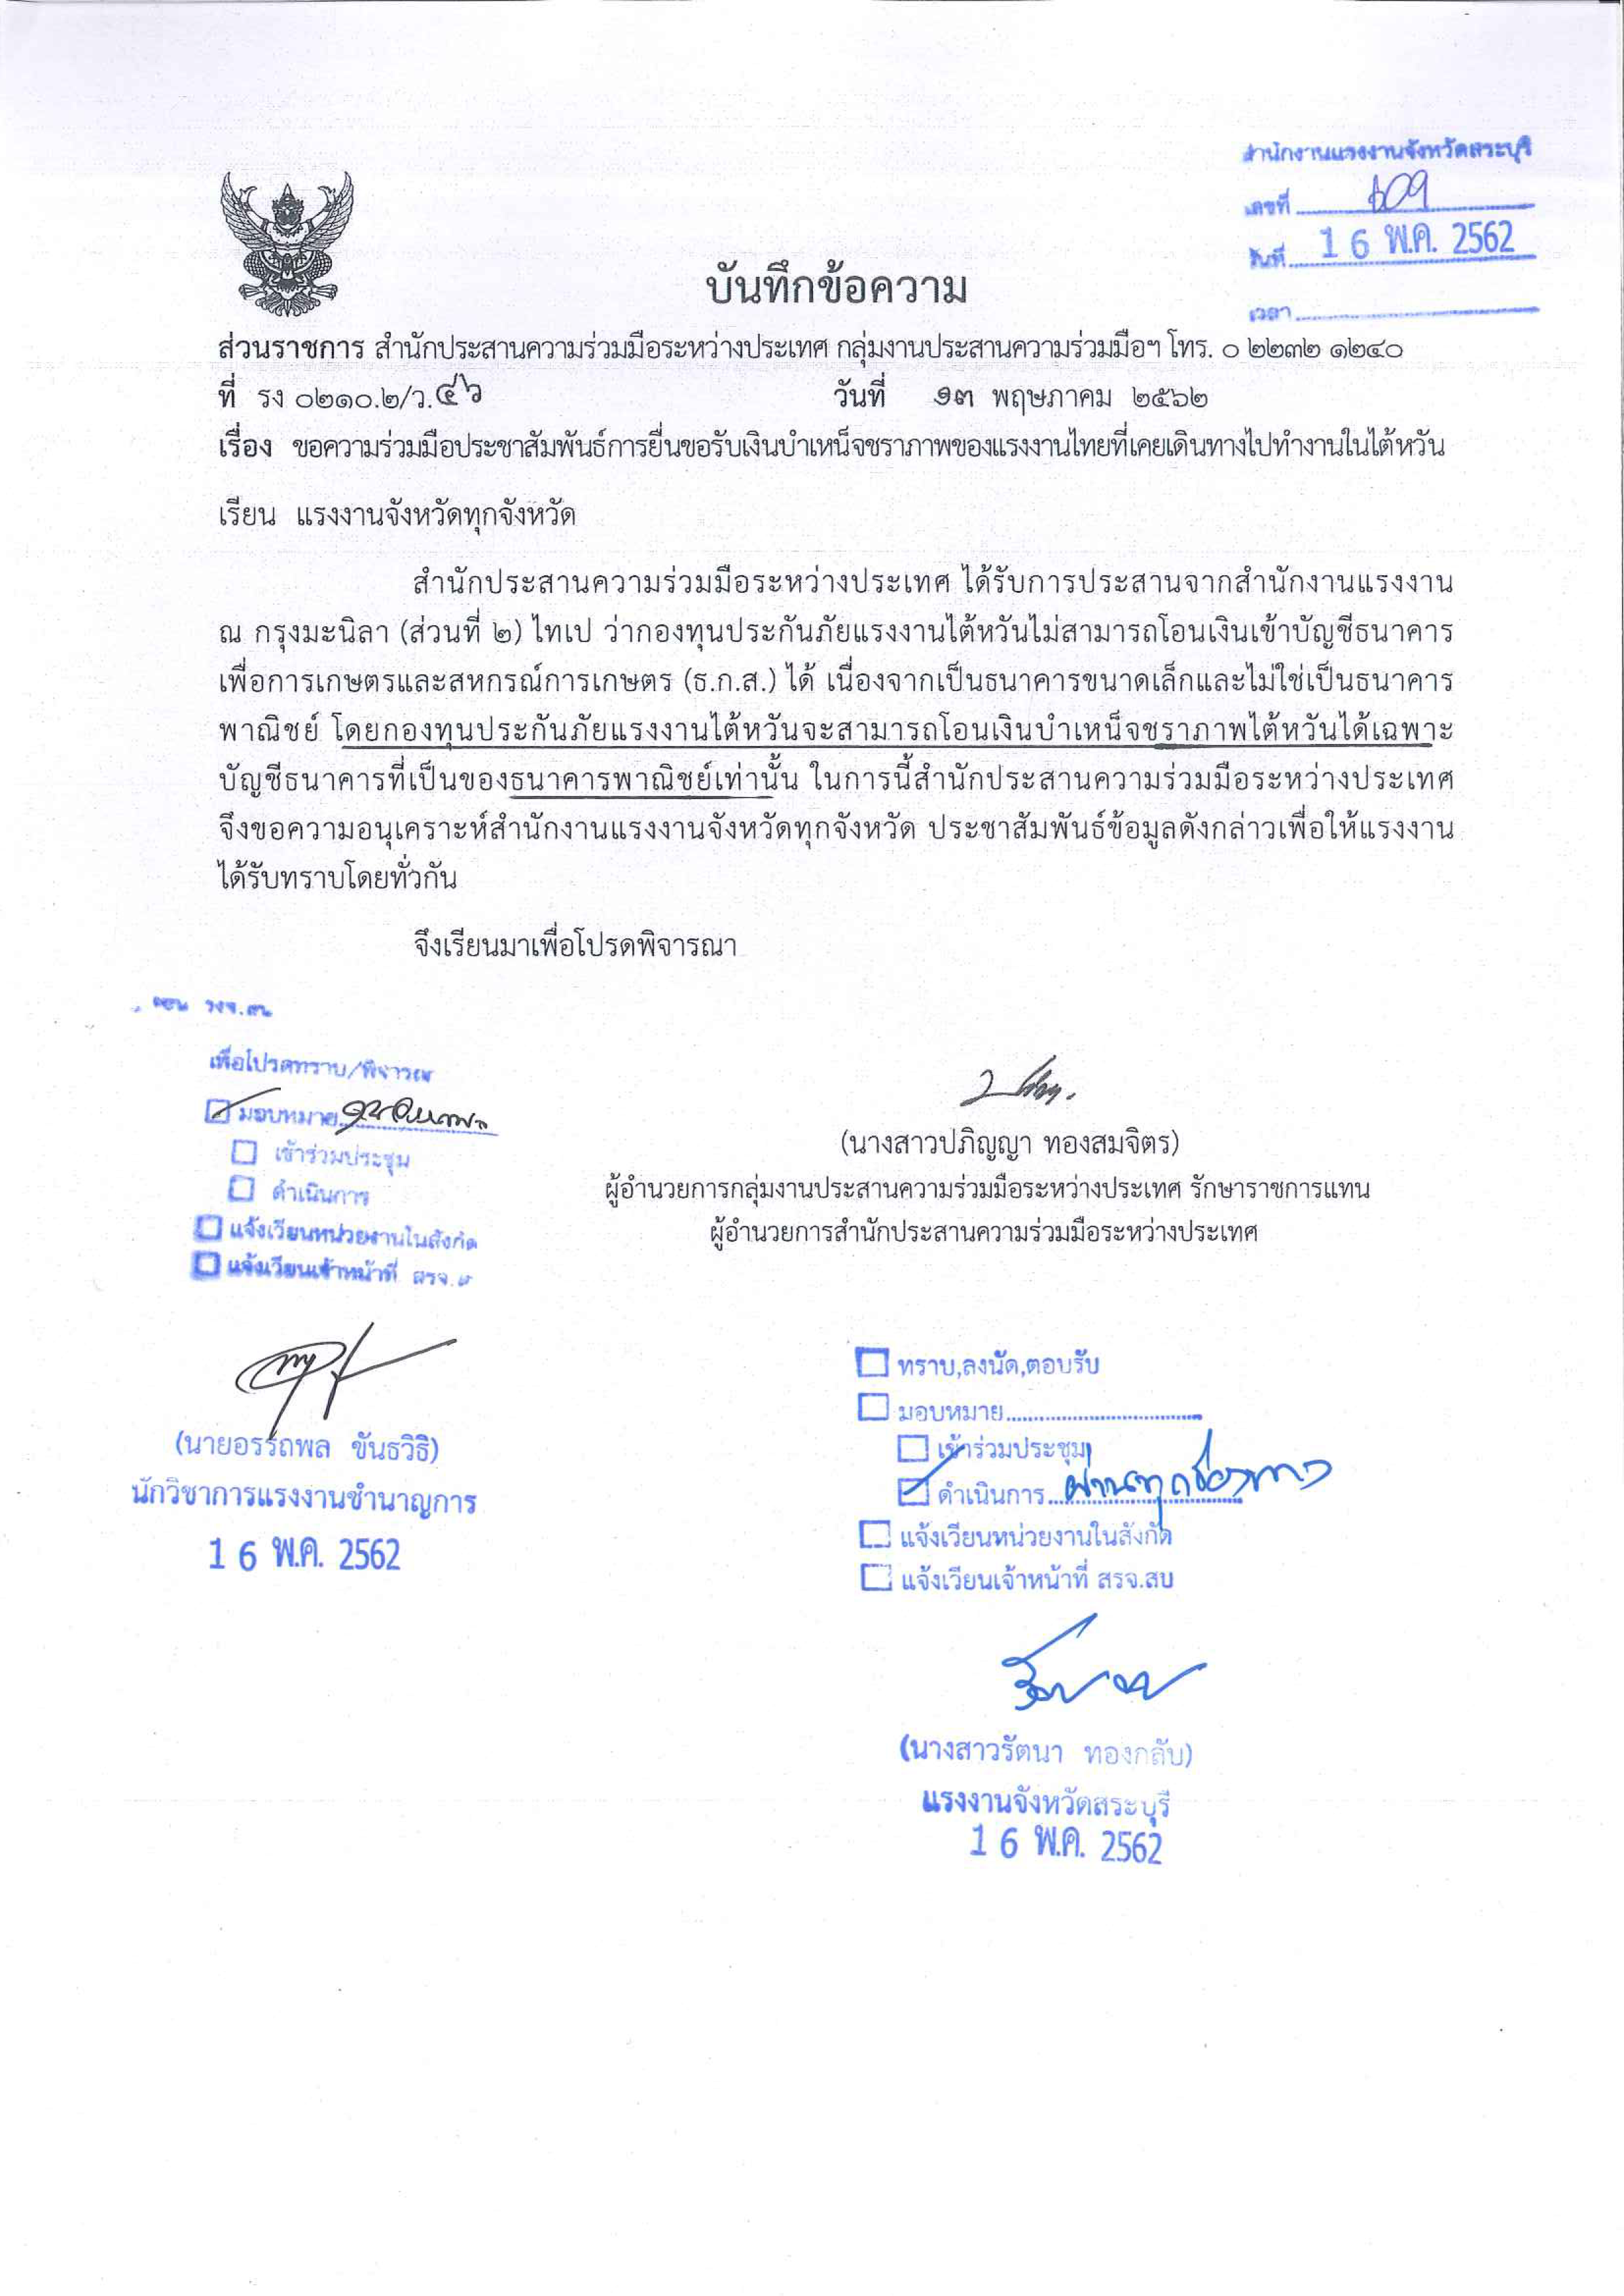 การยื่นขอรับเงินบำเหน็จชราภาพของแรงงานไทยที่เคยเดินทางไปทำงานในไต้หวัน